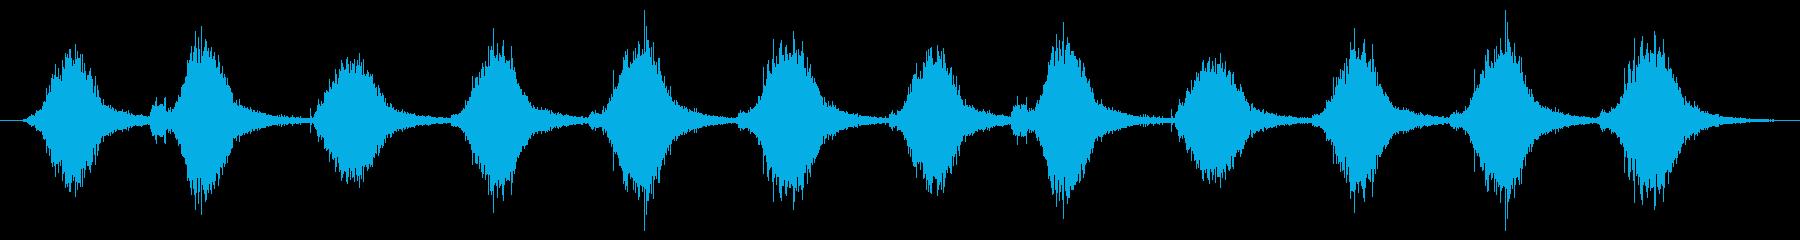 ハードストローまたはコーンブルーム...の再生済みの波形